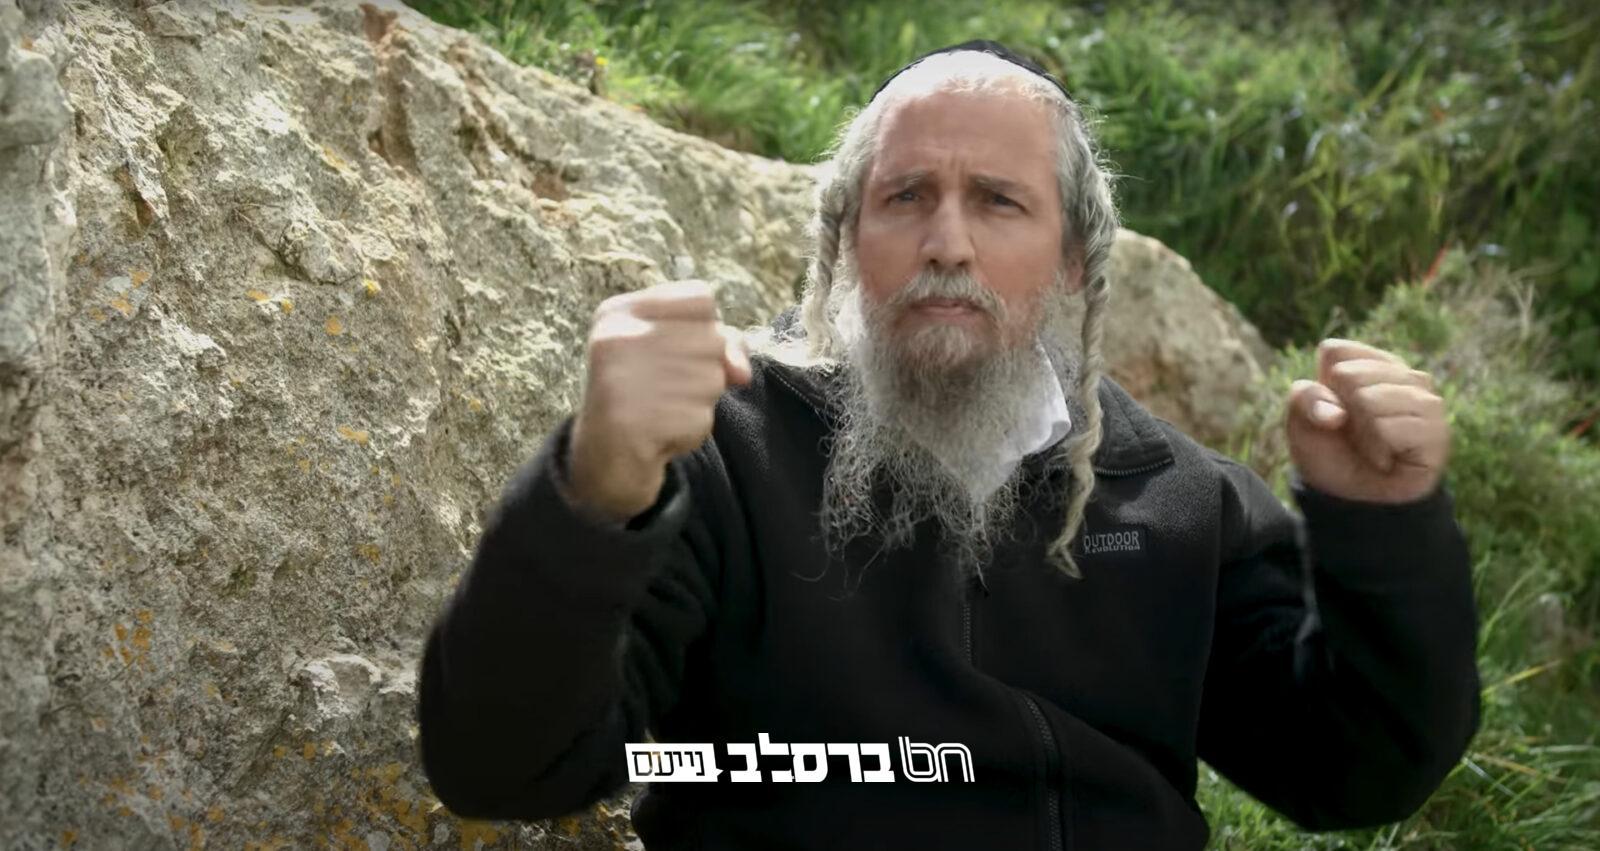 הִתְבּוֹדְדוּת • הרב ארז משה דורון בשיחה בין עצי היער חלק ב'• צפו